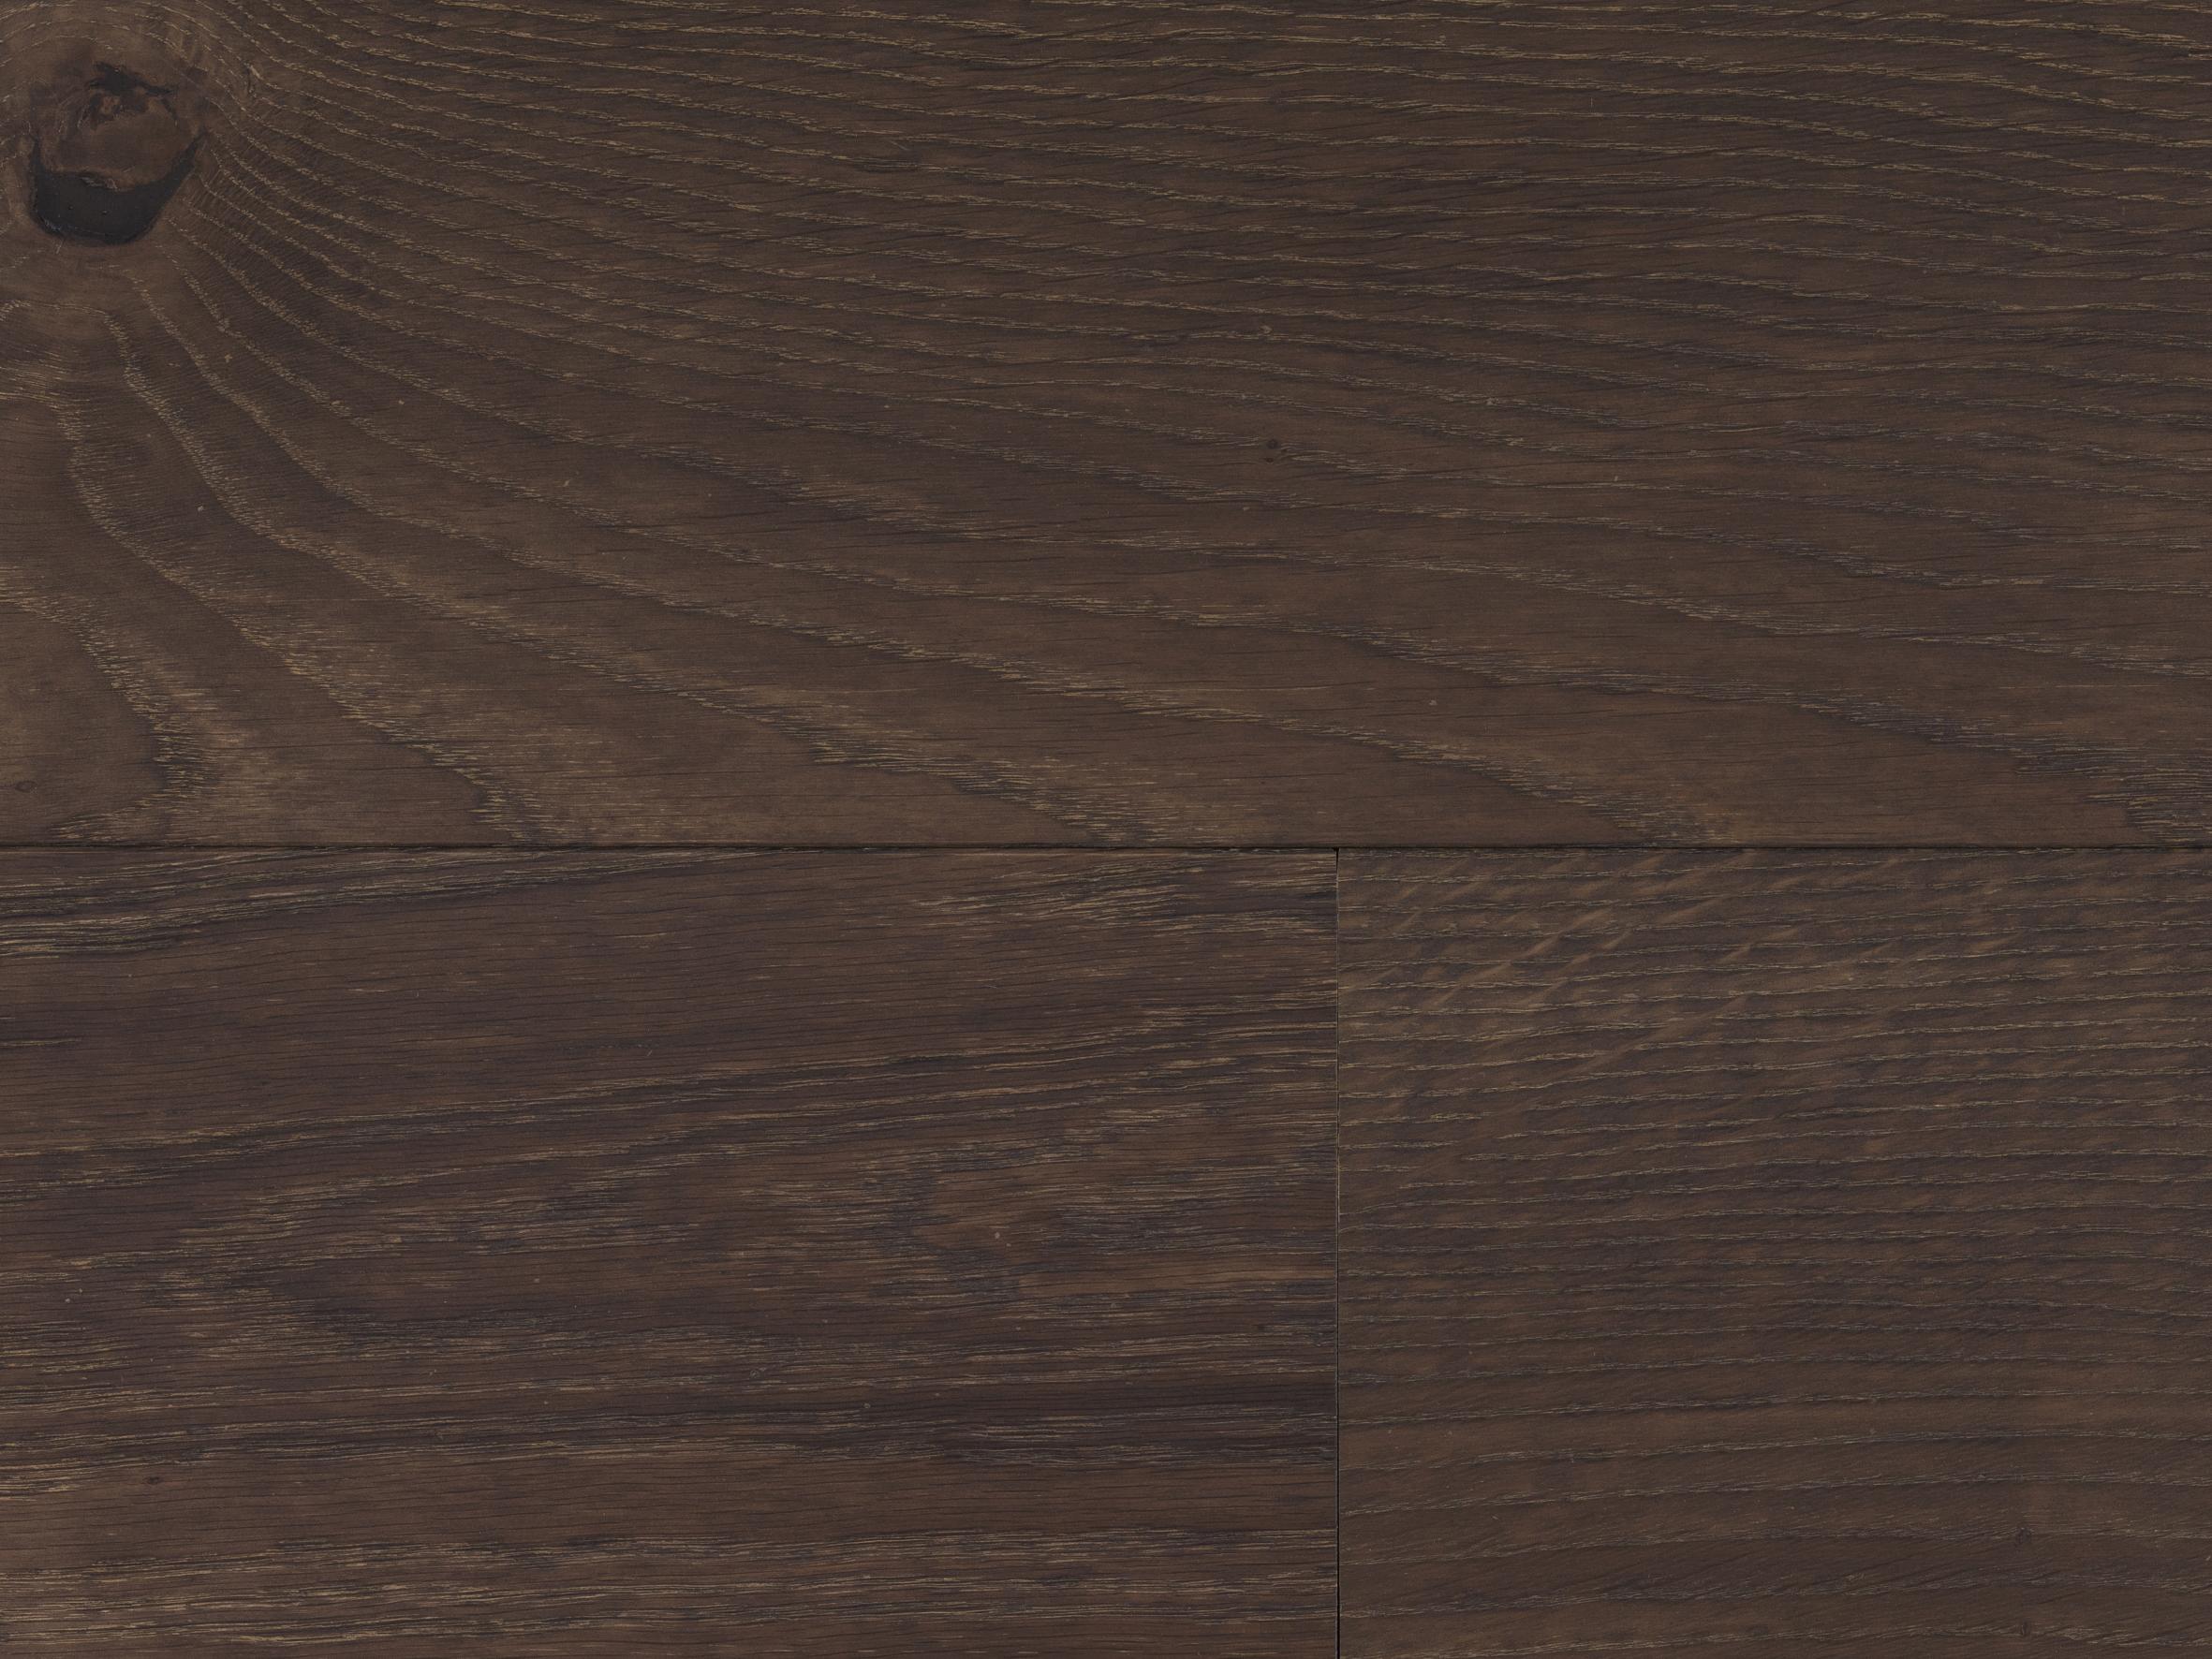 Clayva Oak Rustic